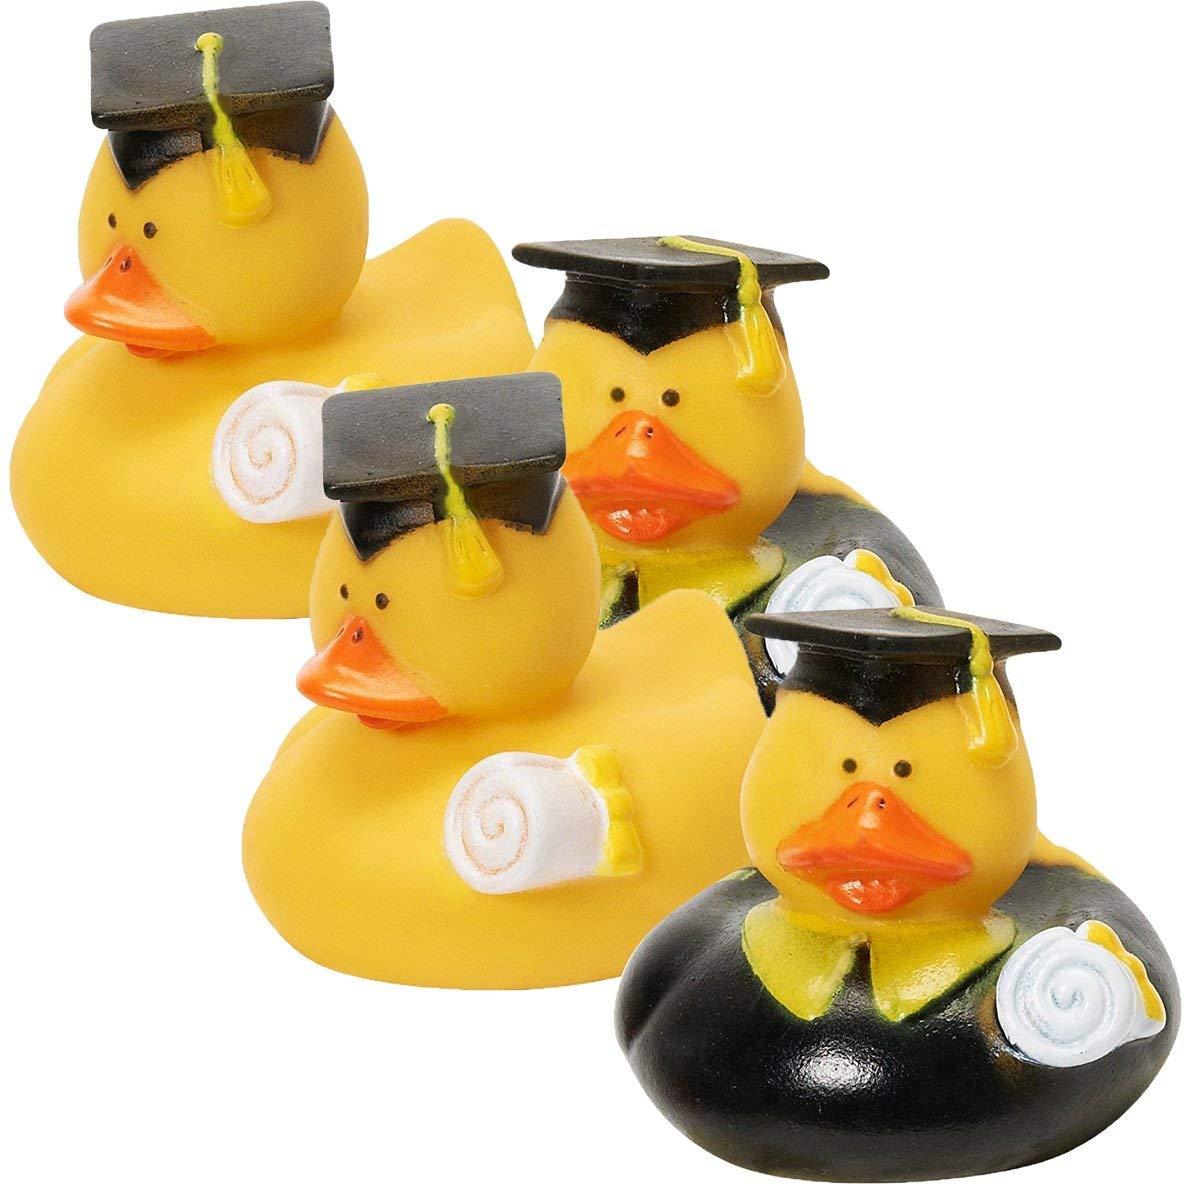 12 Graduation Graduate RUBBER Ducky DUCK Party Favors OTC 3L-38-426 One Dozen